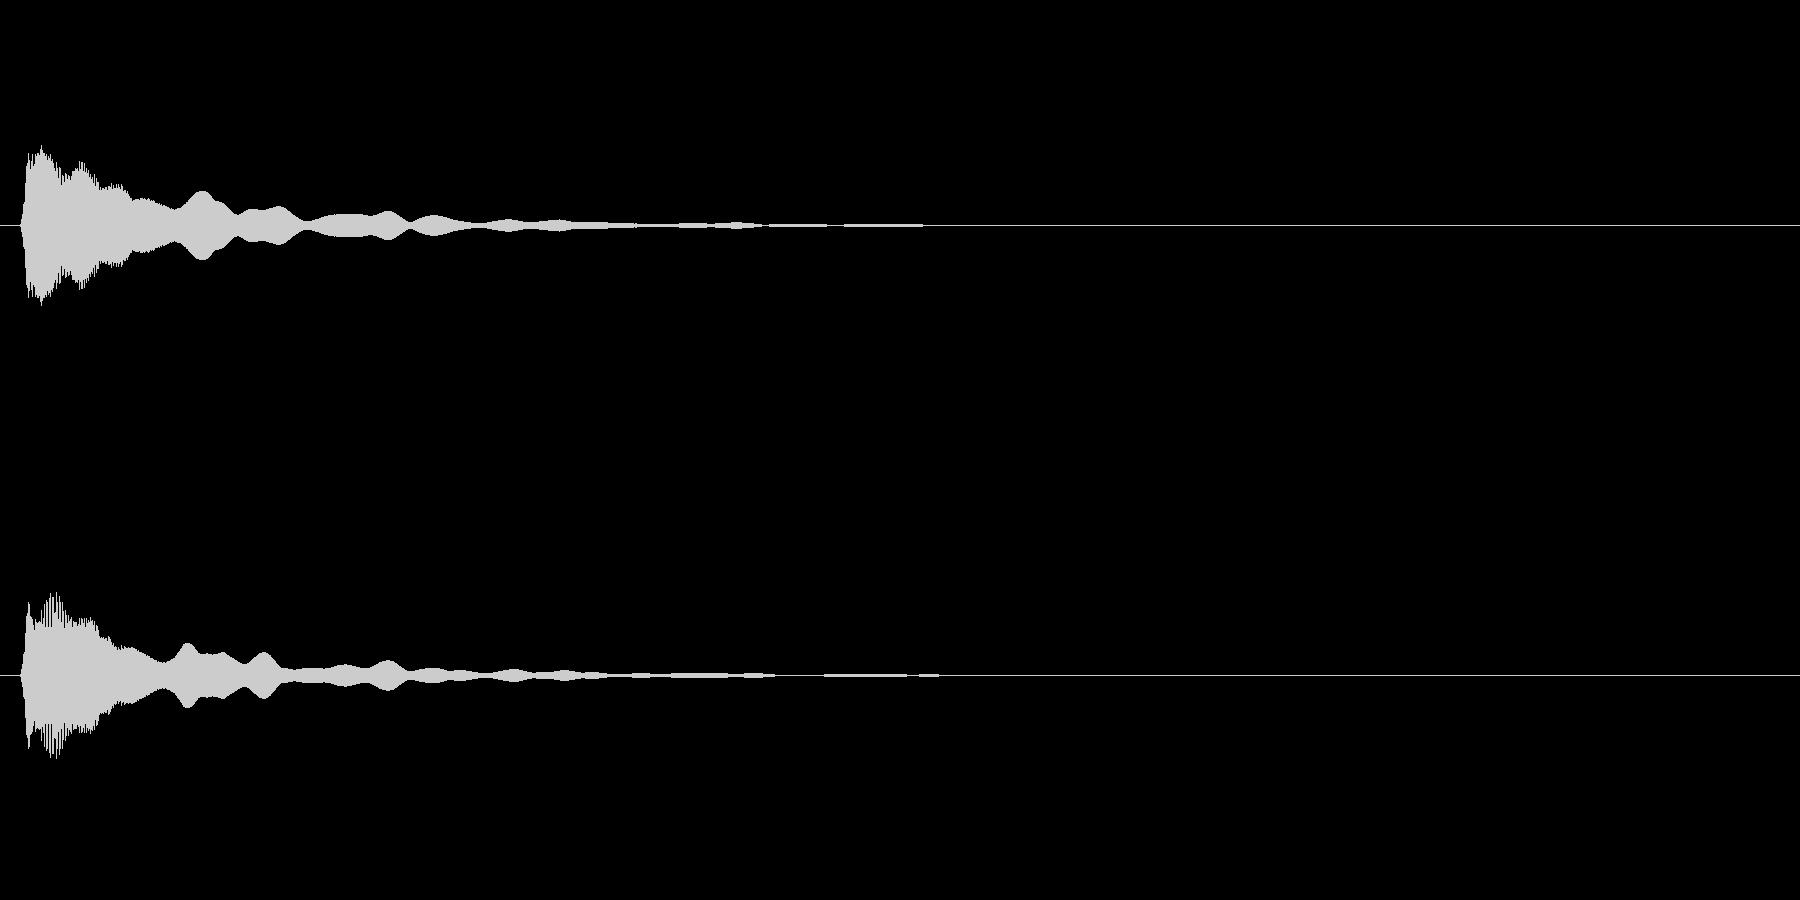 キラキラ系_112の未再生の波形